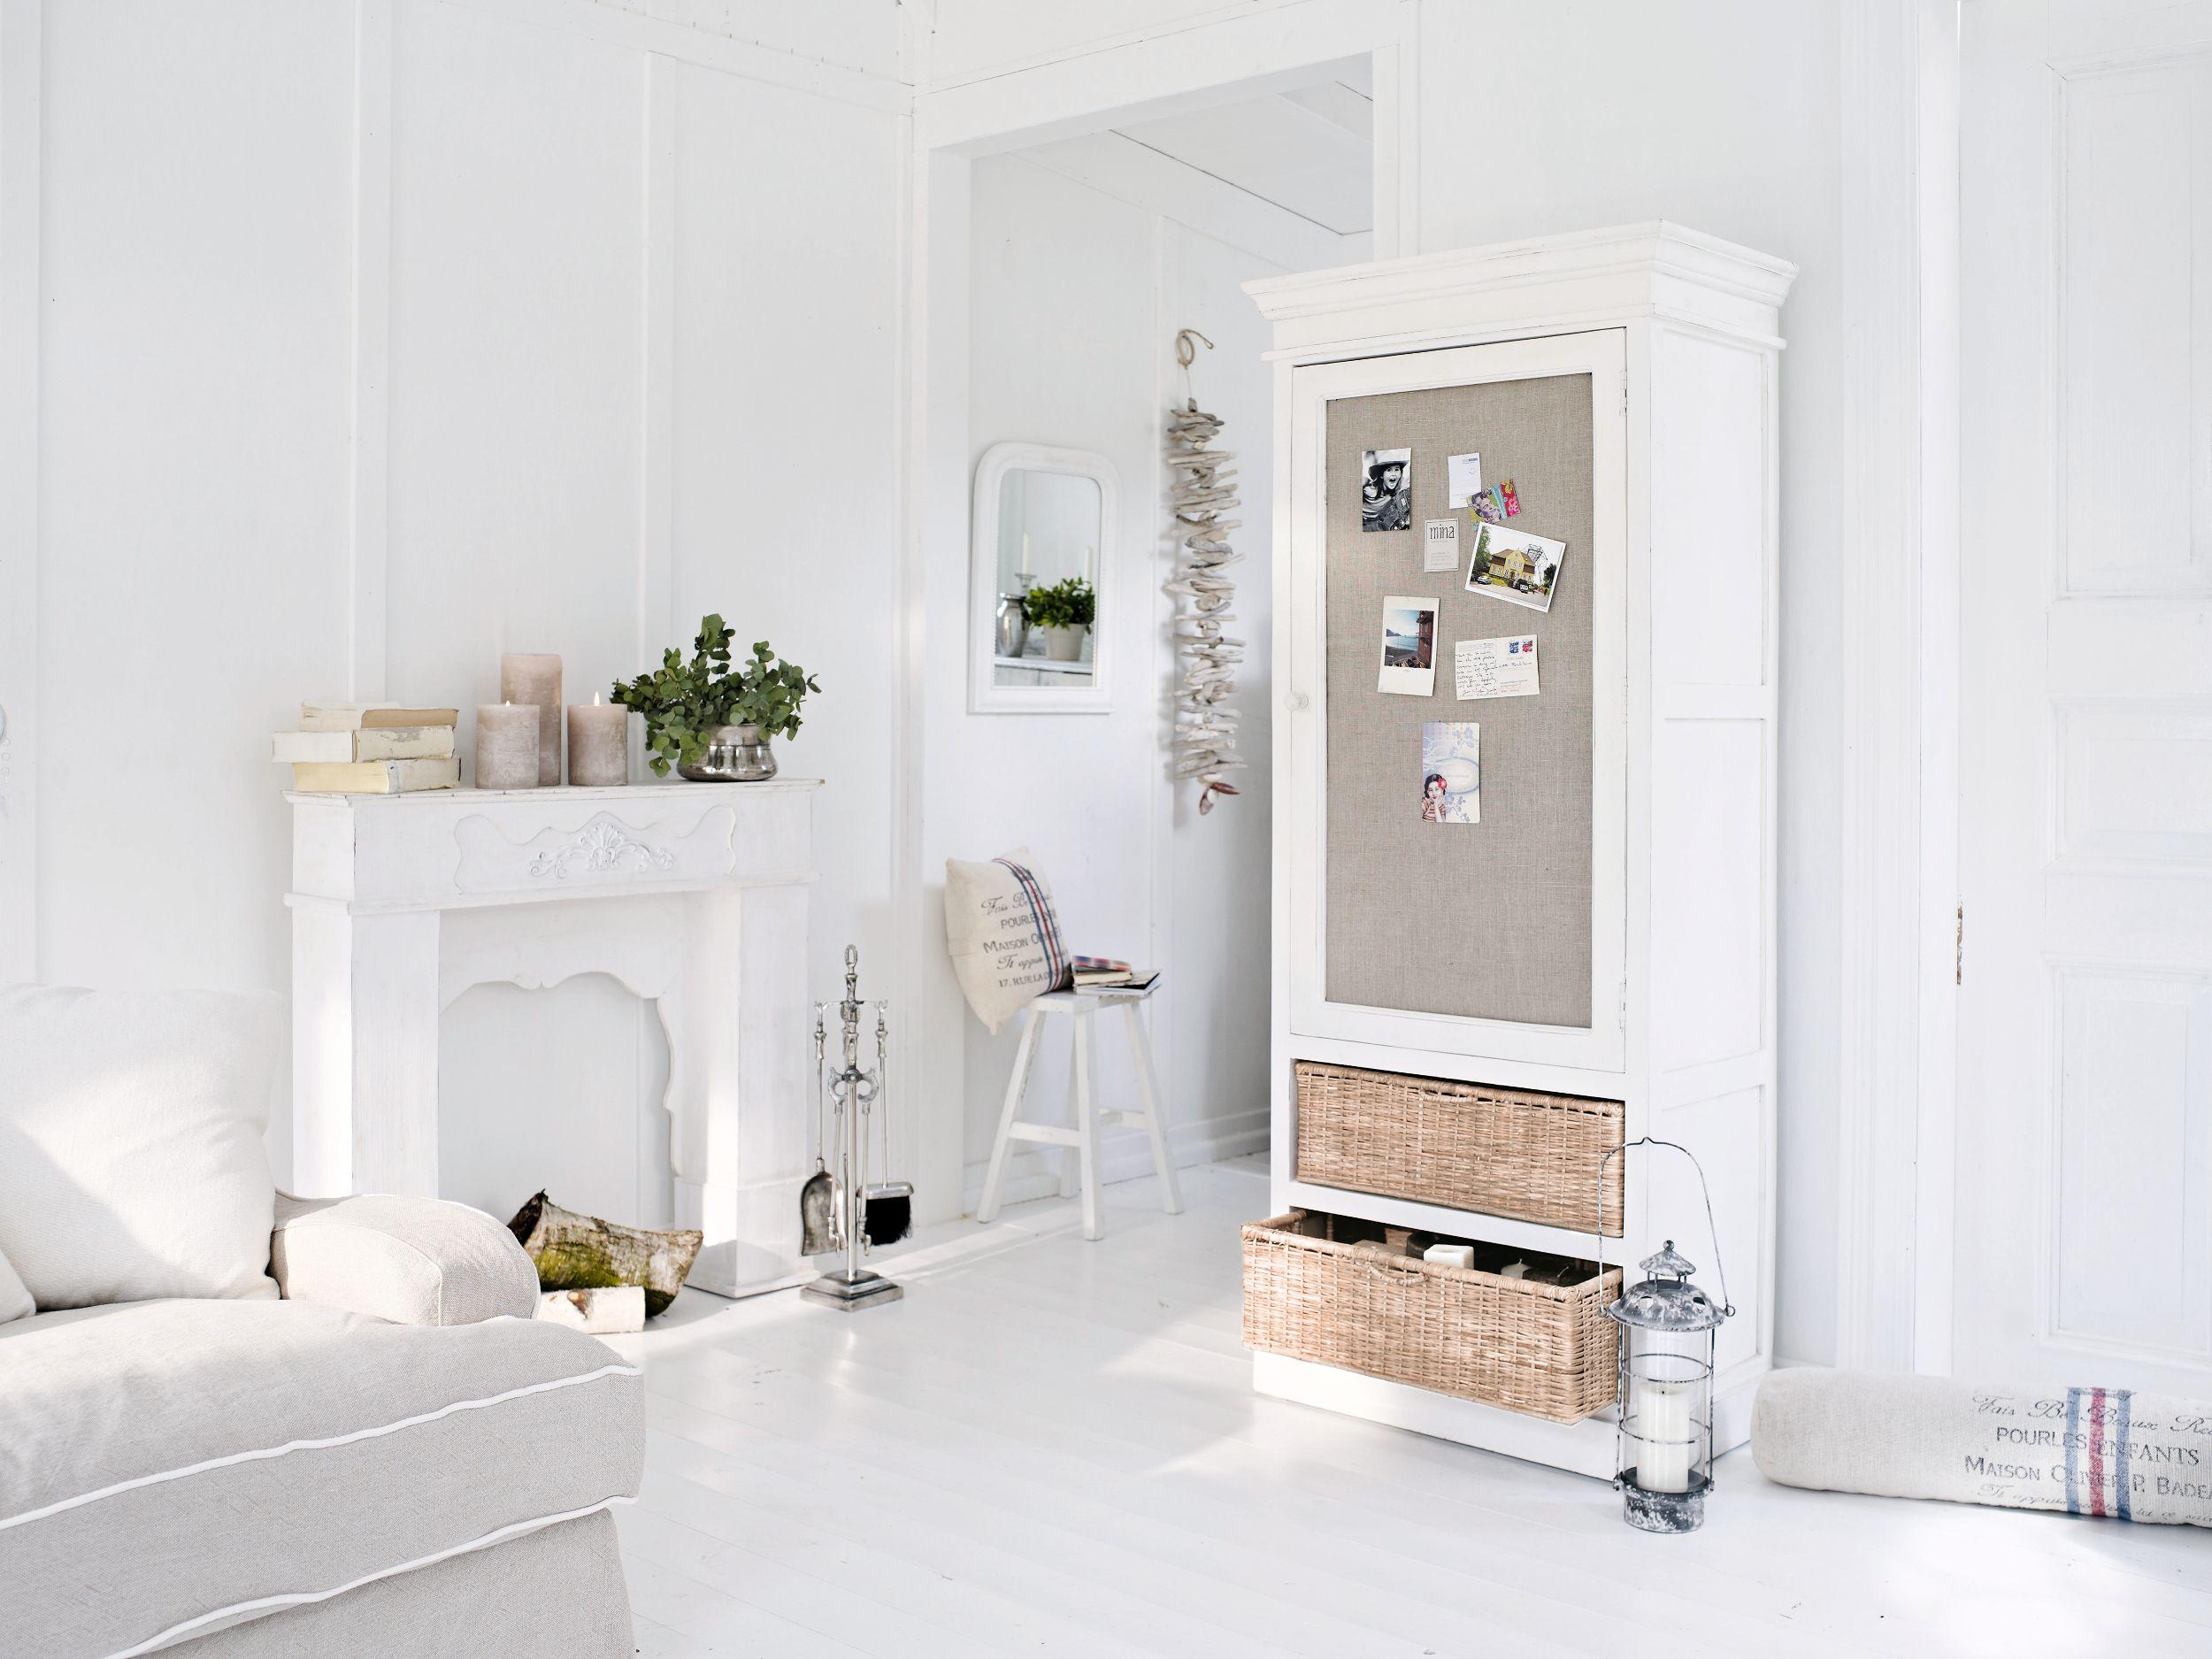 Schrank East Hampton loberon Wohnzimmer Diele weiss white ...